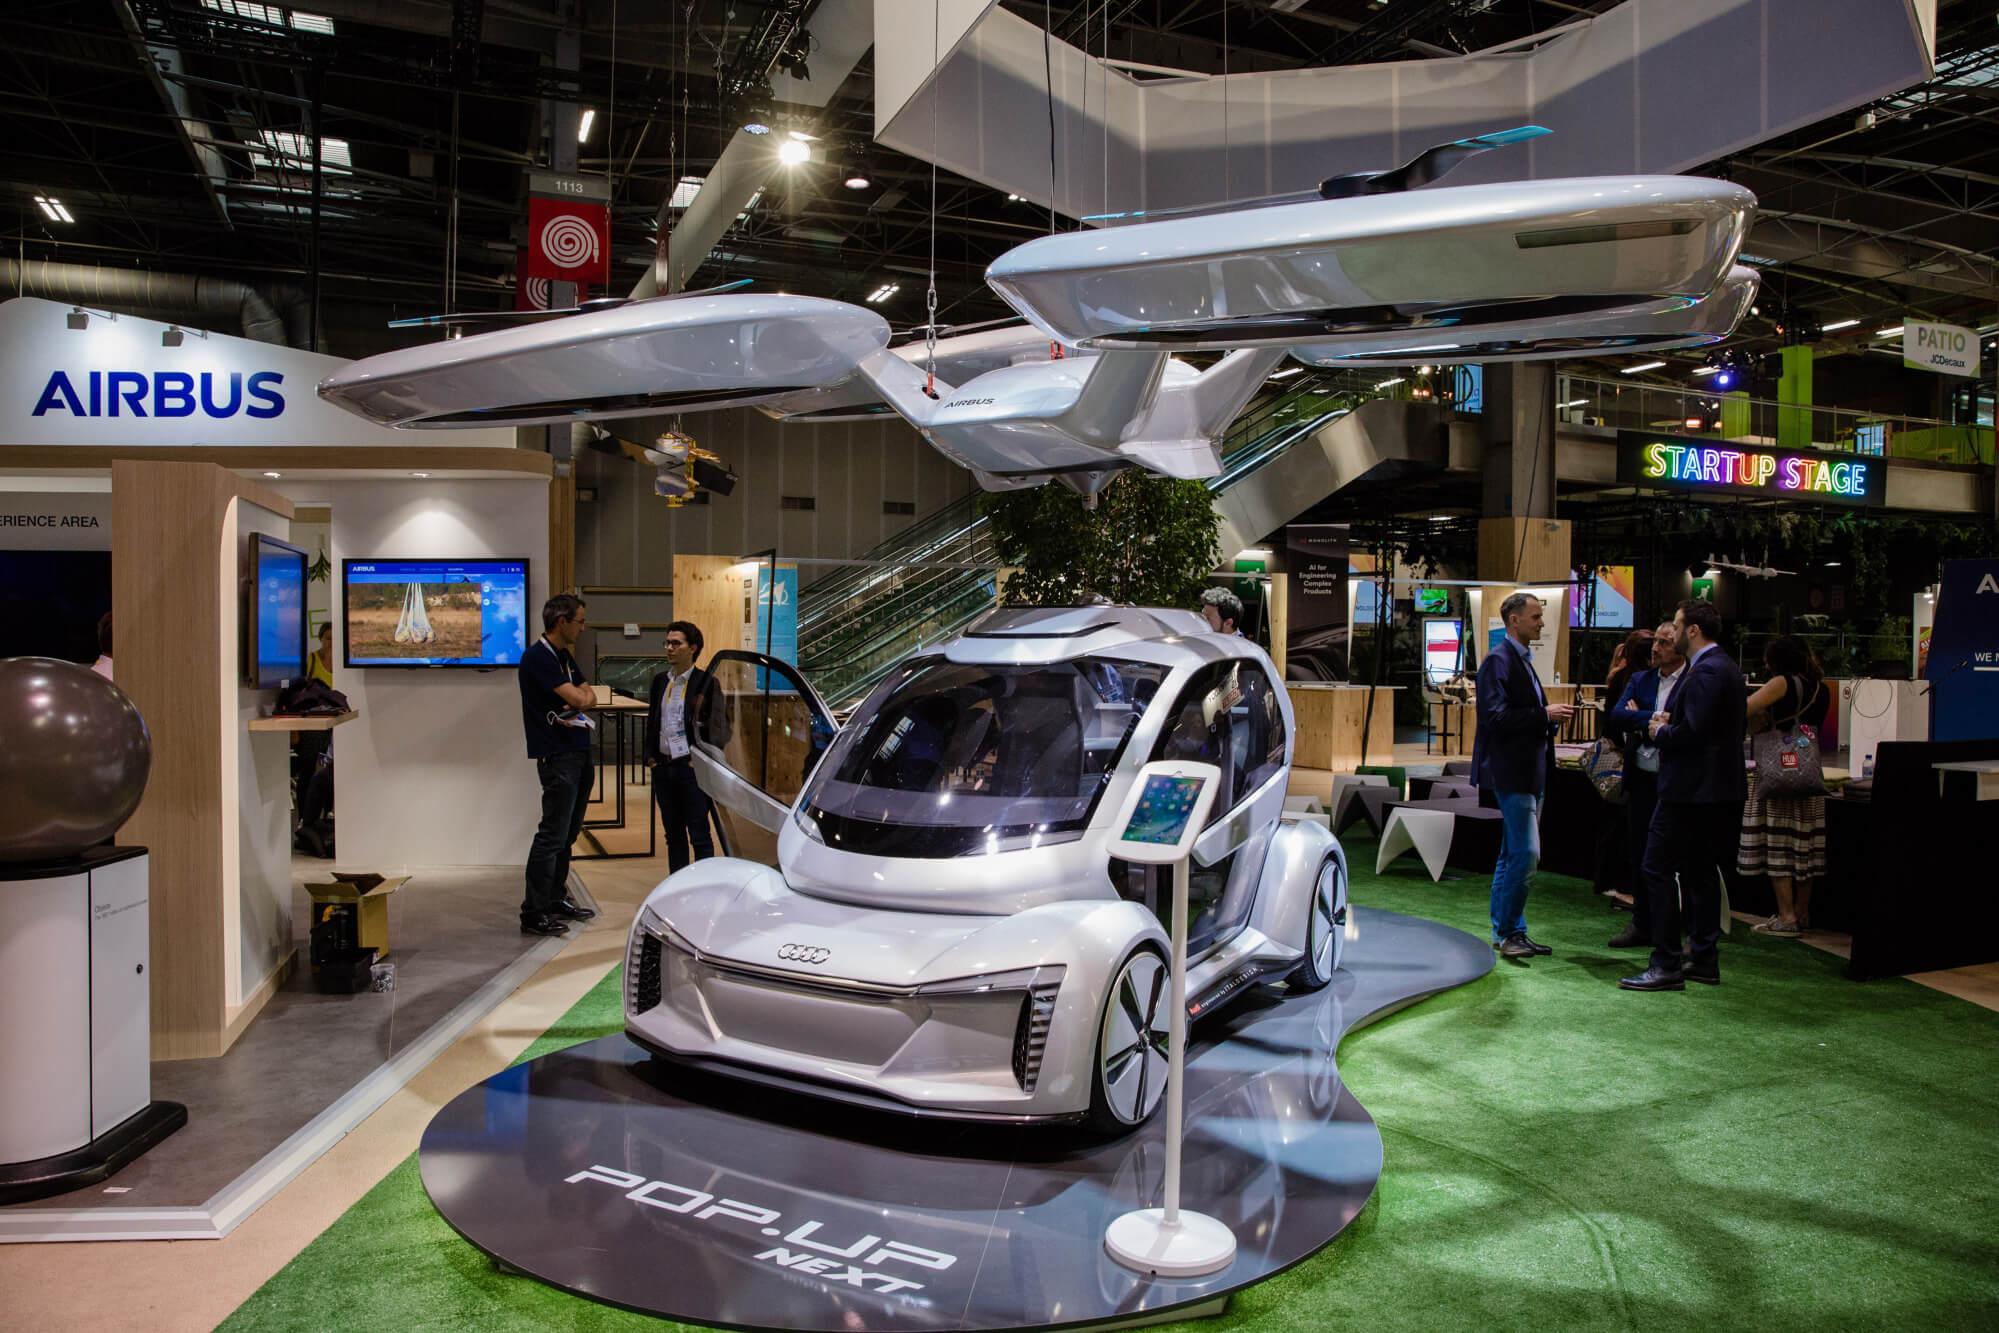 В Германии проведут испытания летающего такси